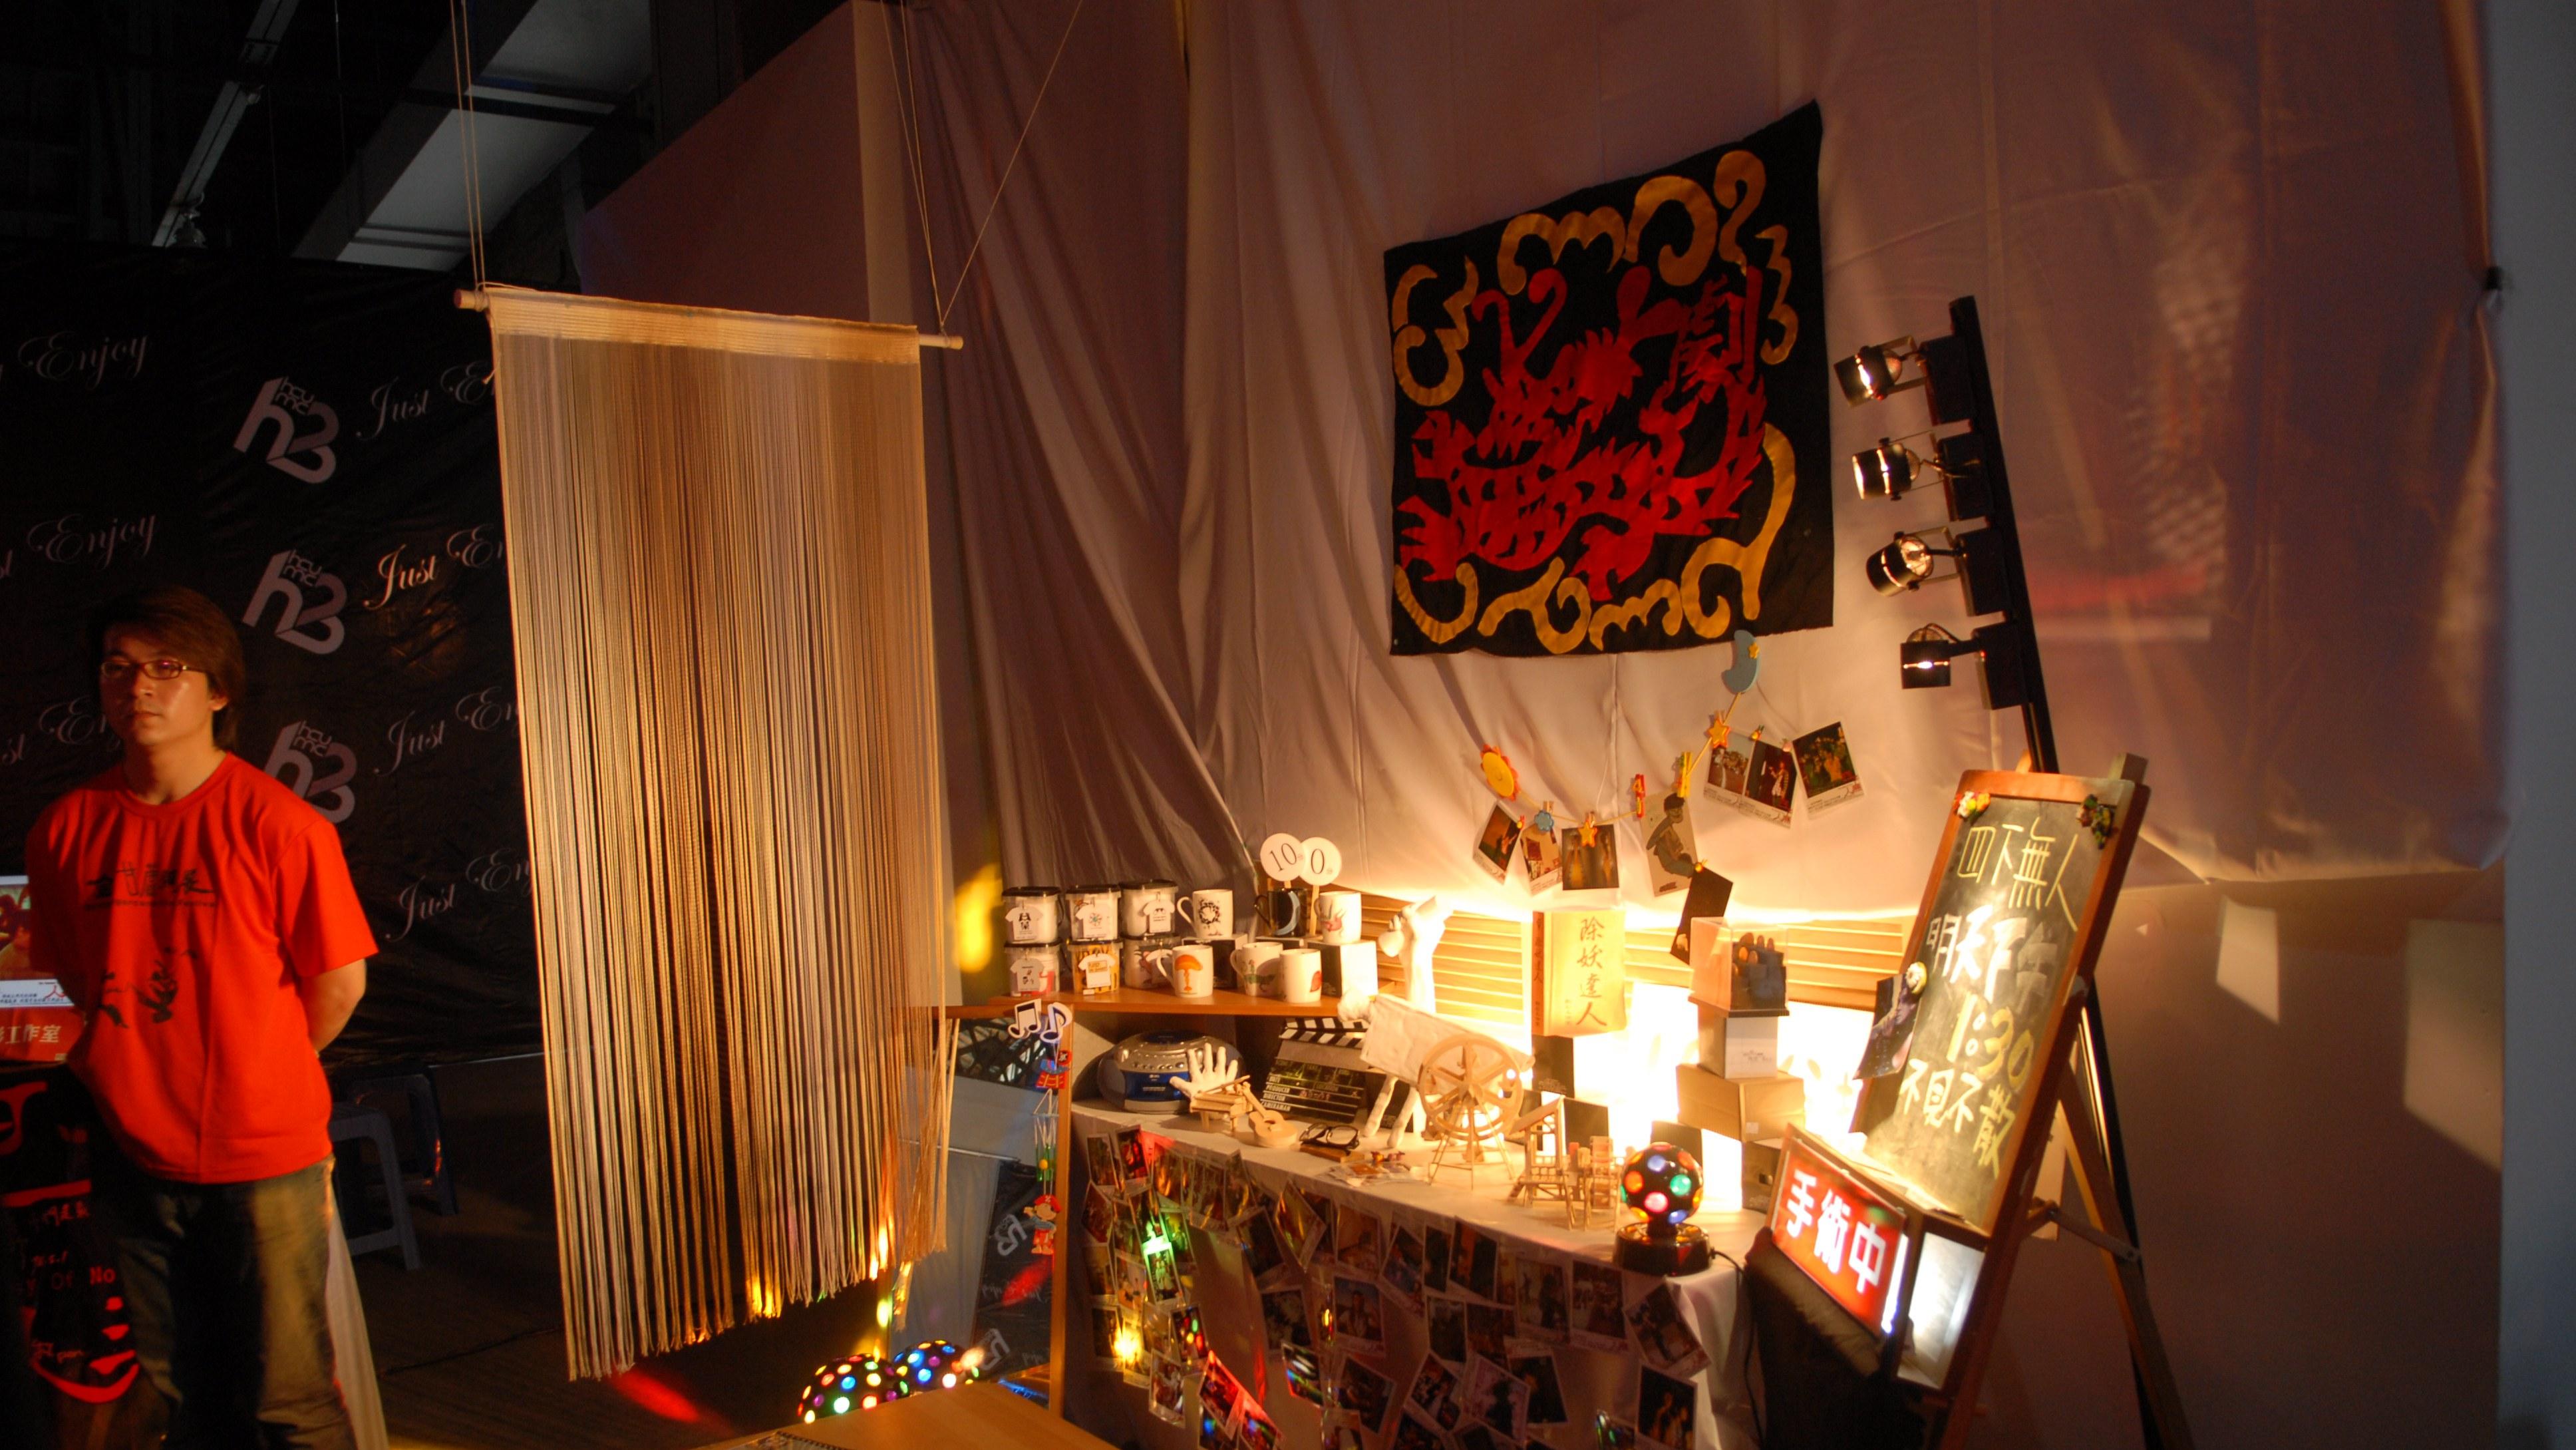 2009-華山 1914 畢業季